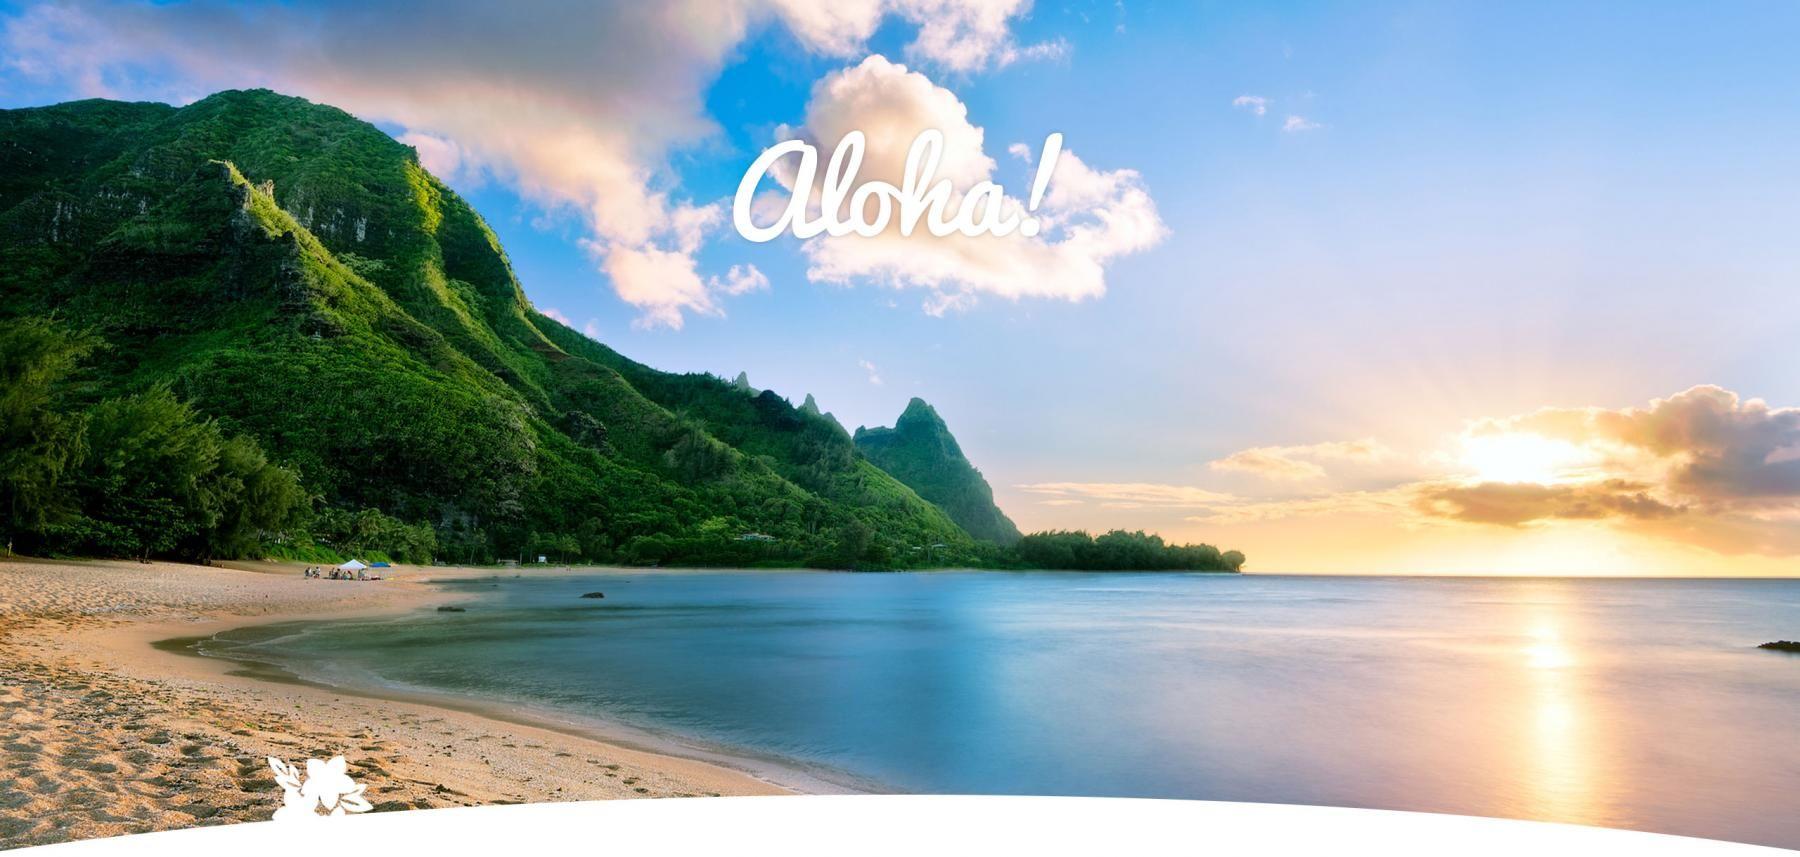 Garden Island Properties Kauai Vacation Rentals Garden Island Properties Kaha Lani Hibiscus Cottage Kauai Vacation Rentals Kauai Vacation Fly To Hawaii